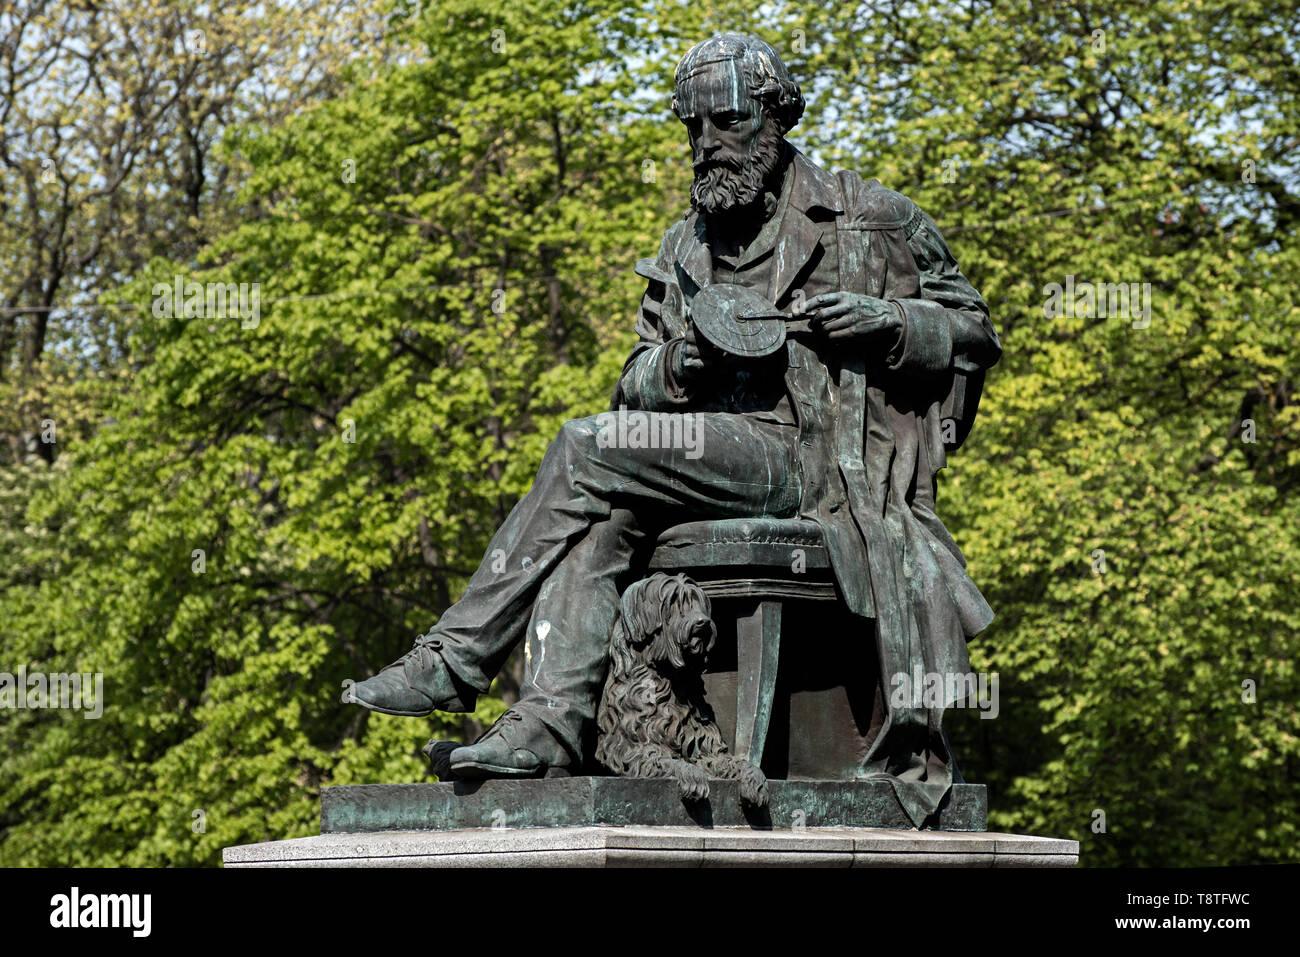 Statue de James Clerk Maxwell (1831-78) par le sculpteur Alexander Stoddart dans George Street, Édimbourg. Photo Stock